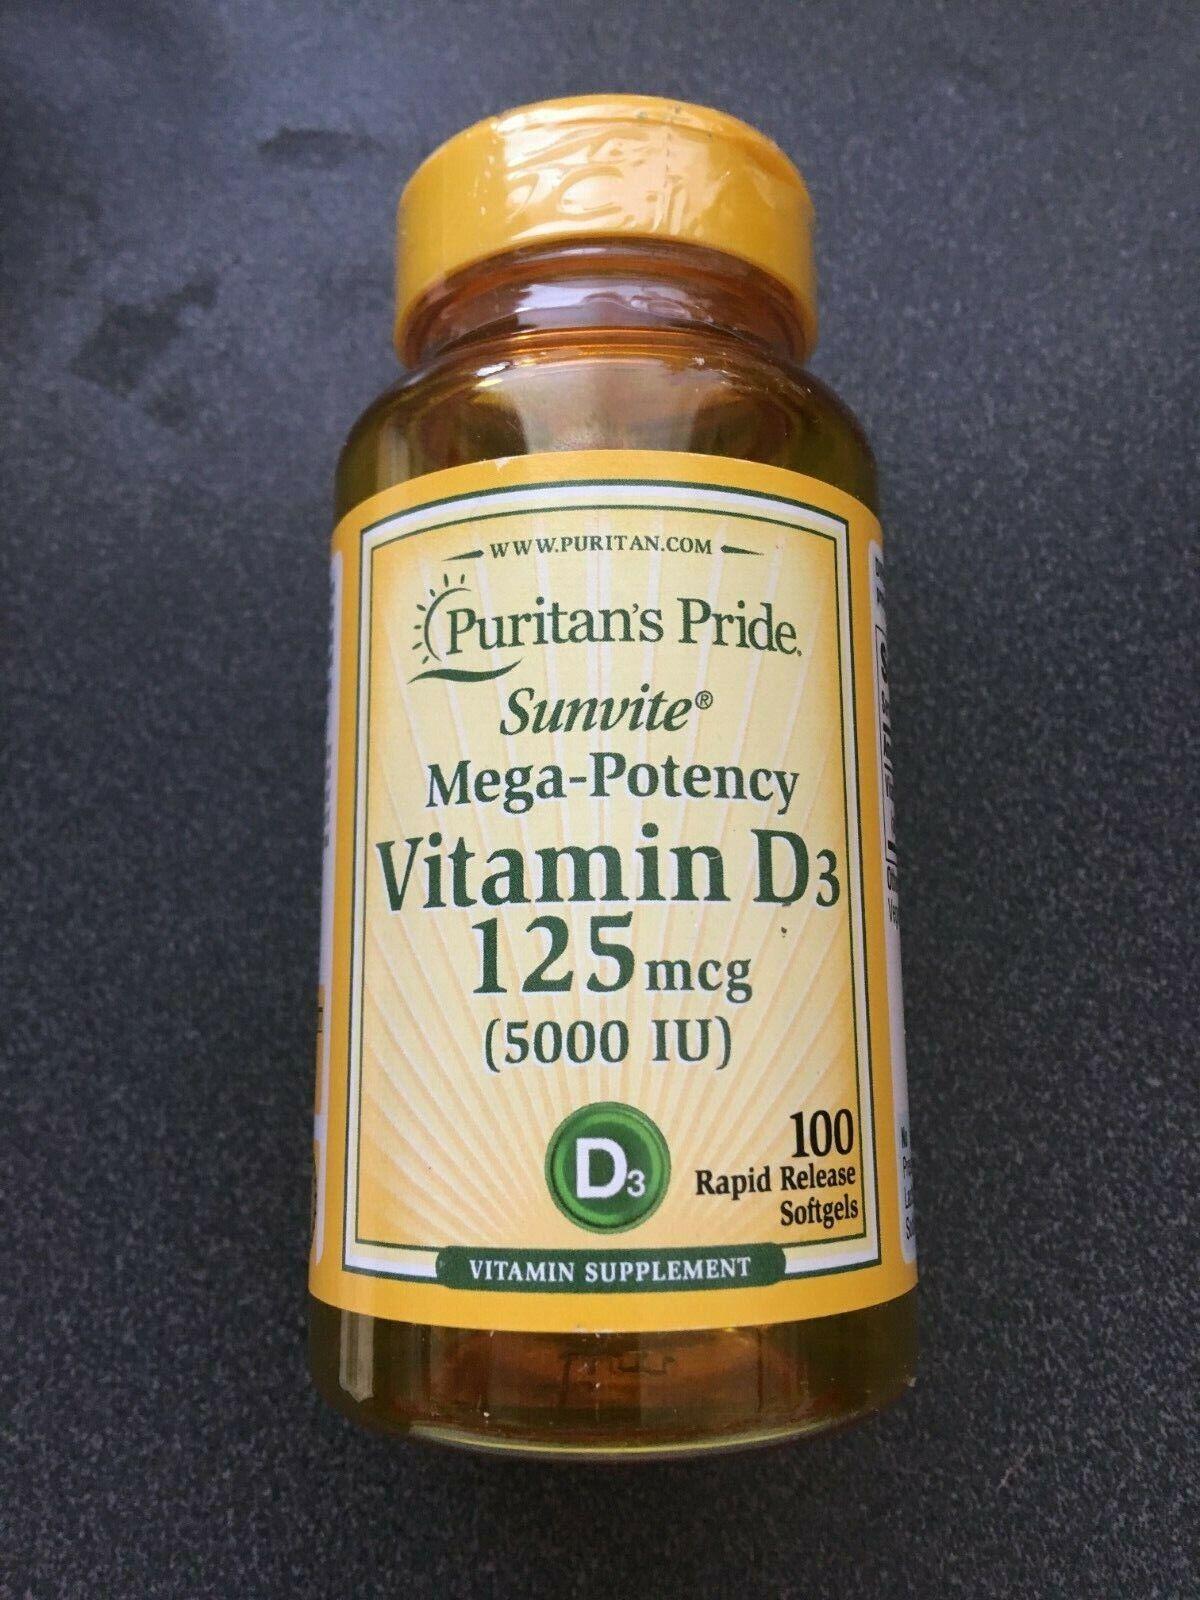 New Puritans Pride Vitamin D 3 SuperPotency 5,000 iu 125mcg 100 Softgel Sunvite